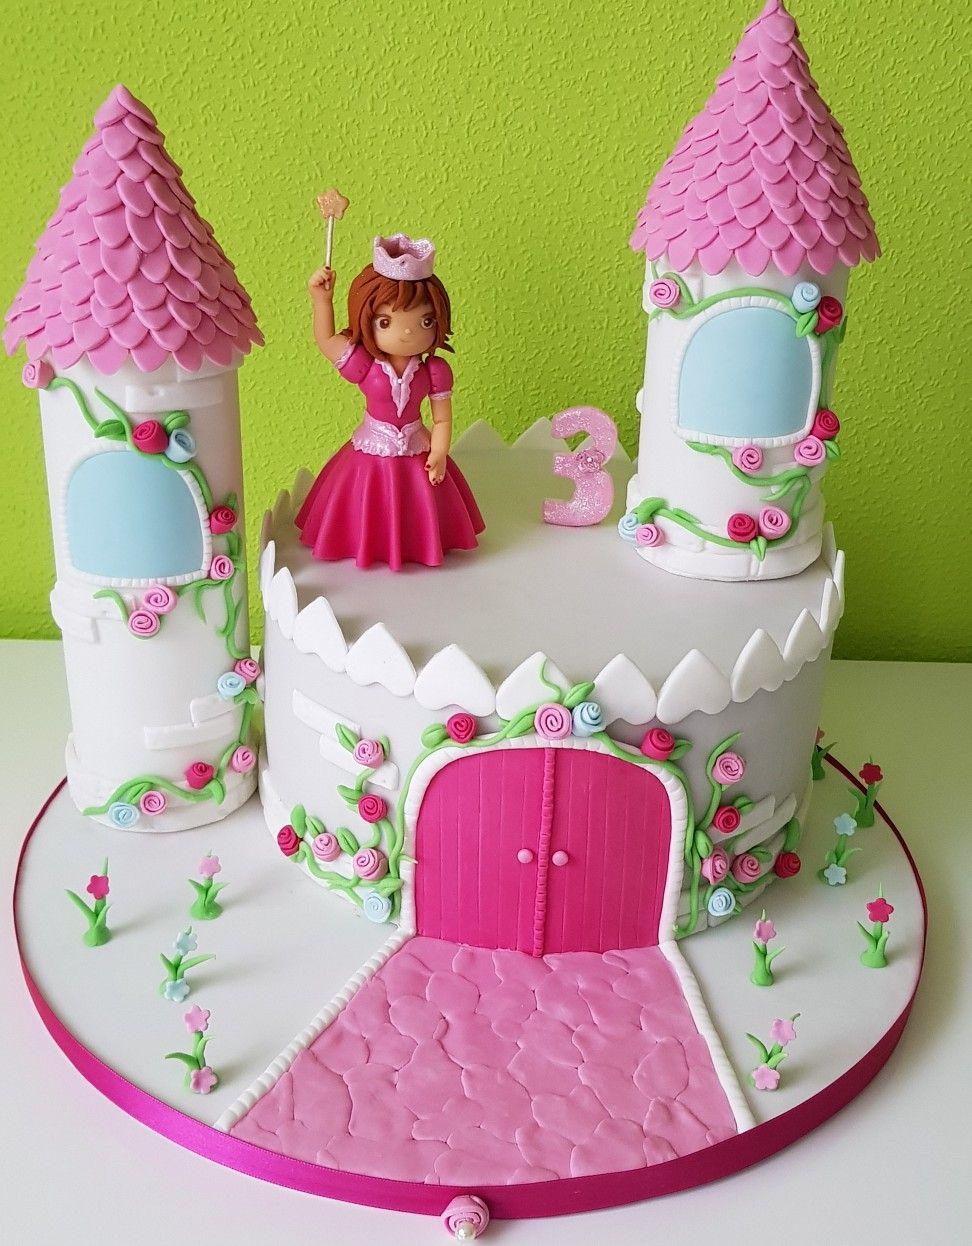 prinzessinen torte schloss mit prinzessin